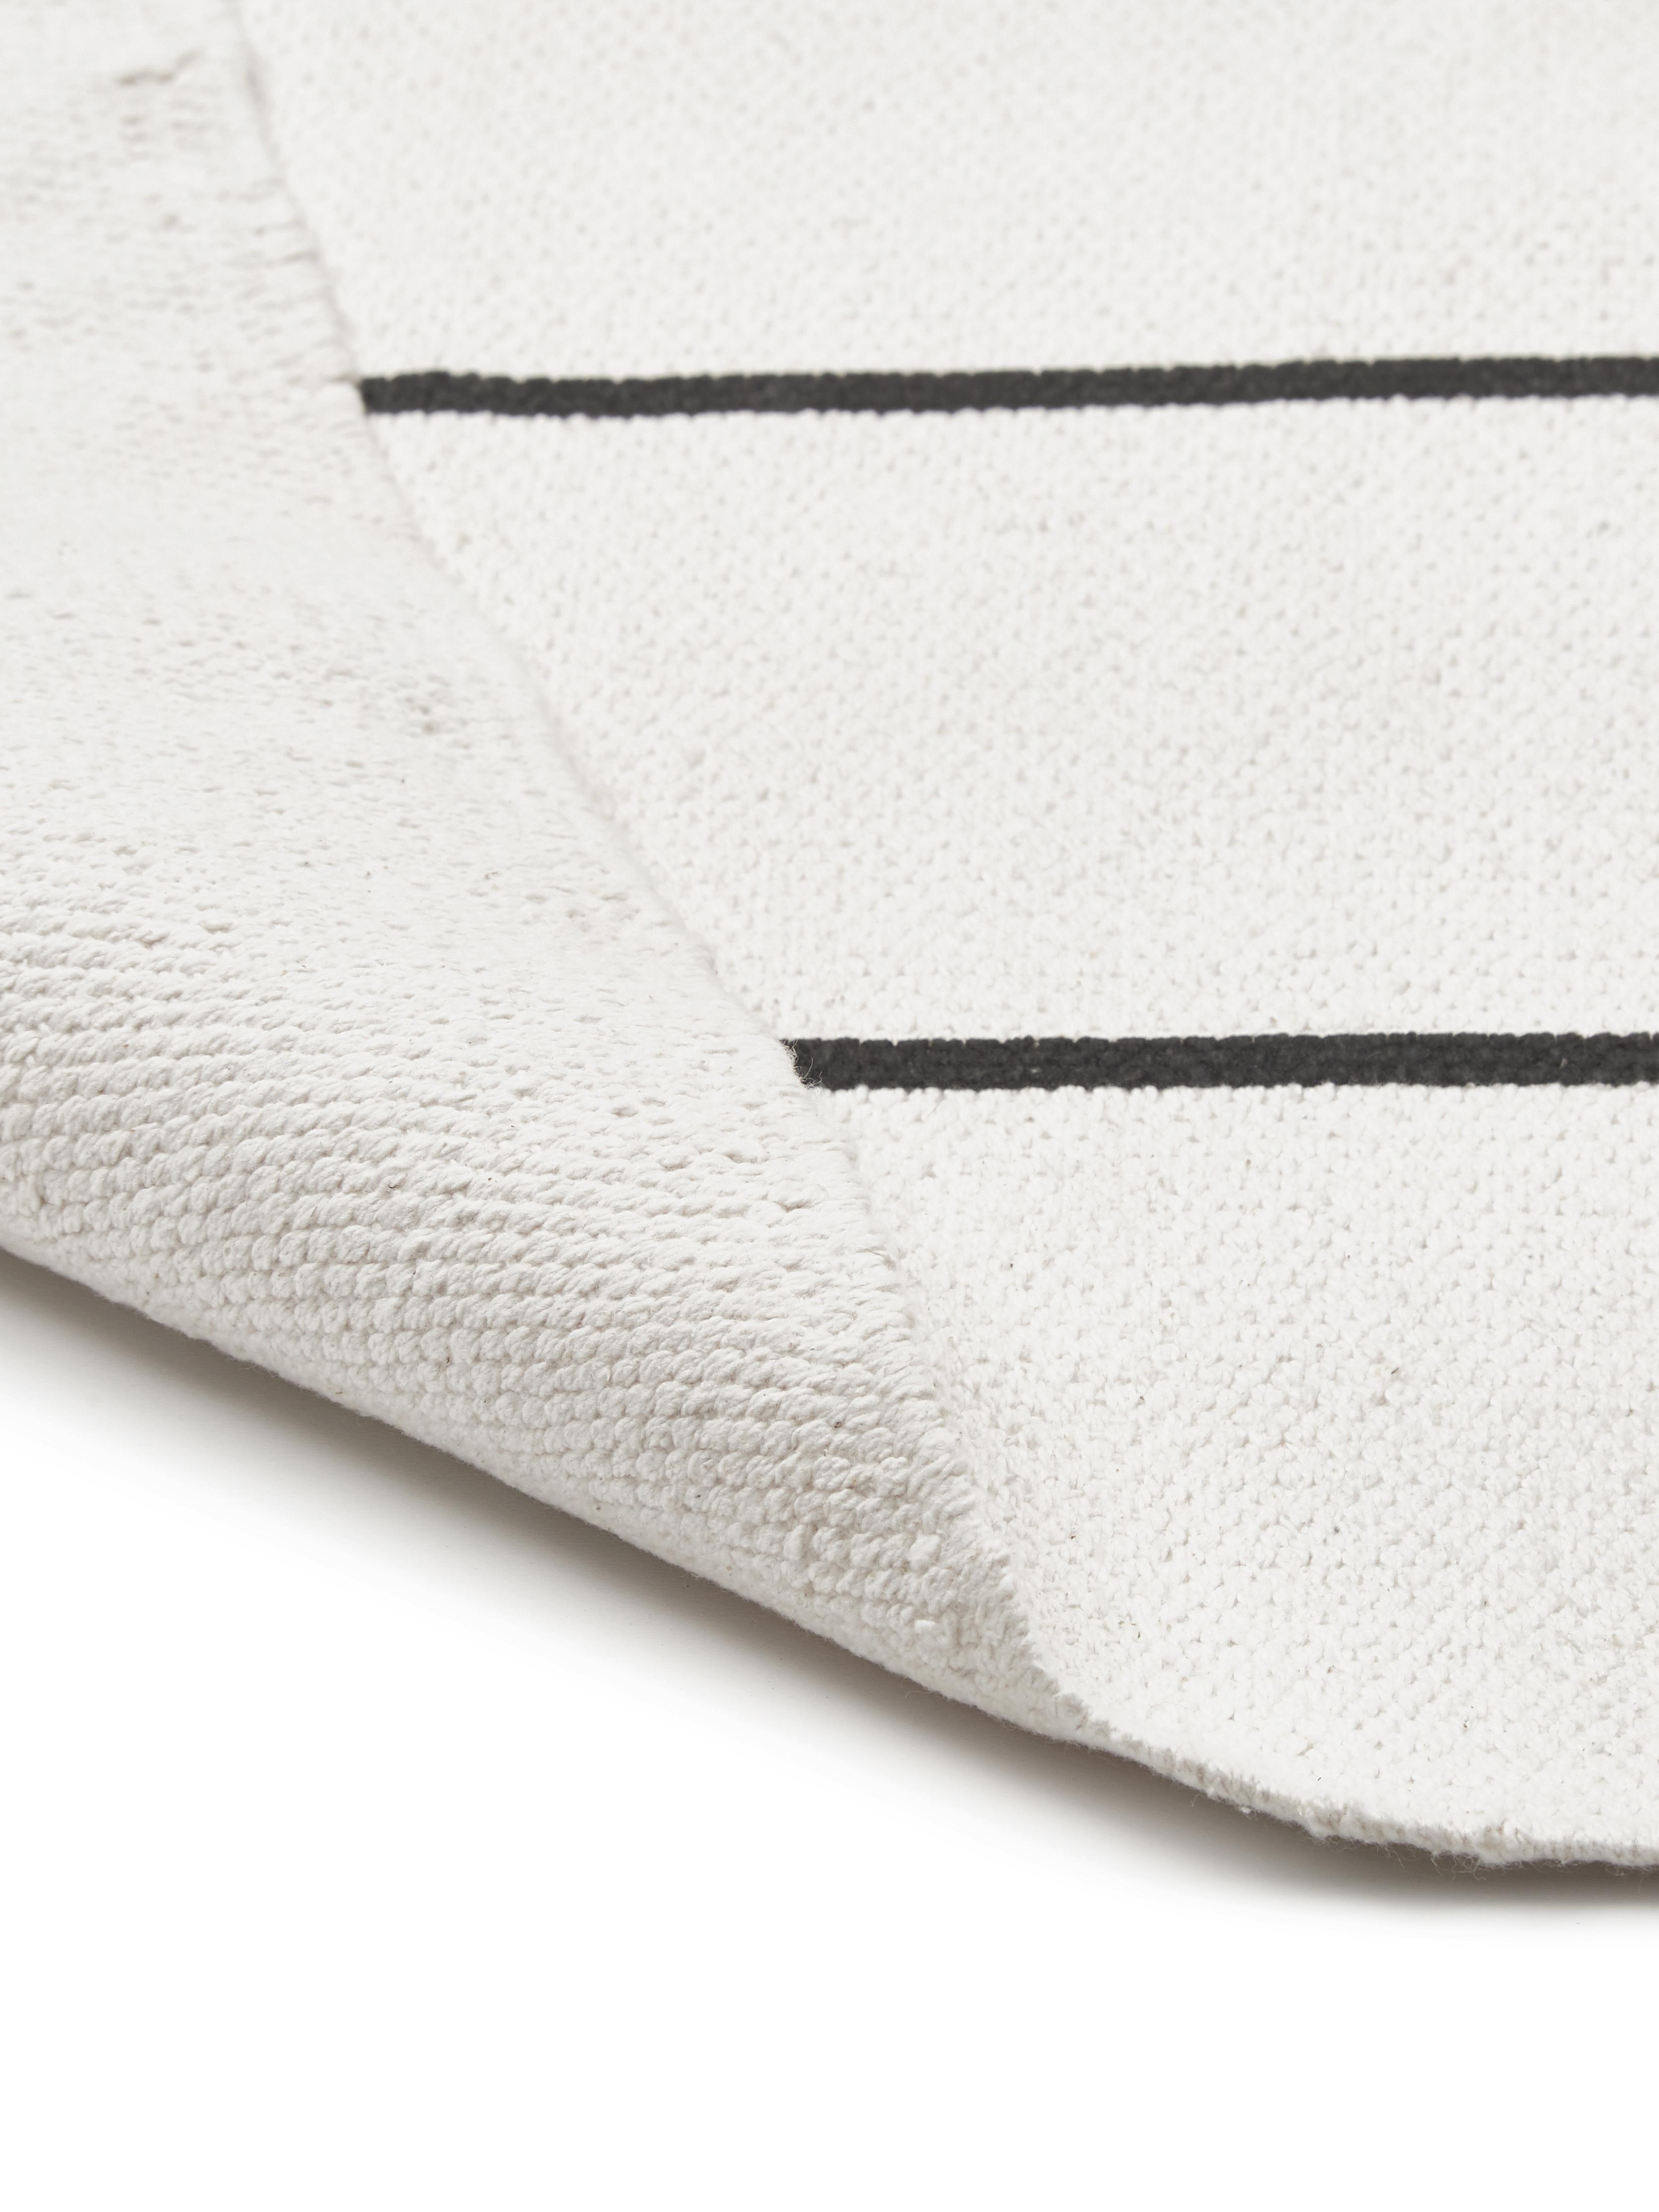 Flachgewebter Baumwollteppich David mit Linien, handgefertigt, 100% Baumwolle, Cremeweiß, Schwarz, B 200 x L 300 cm (Größe L)